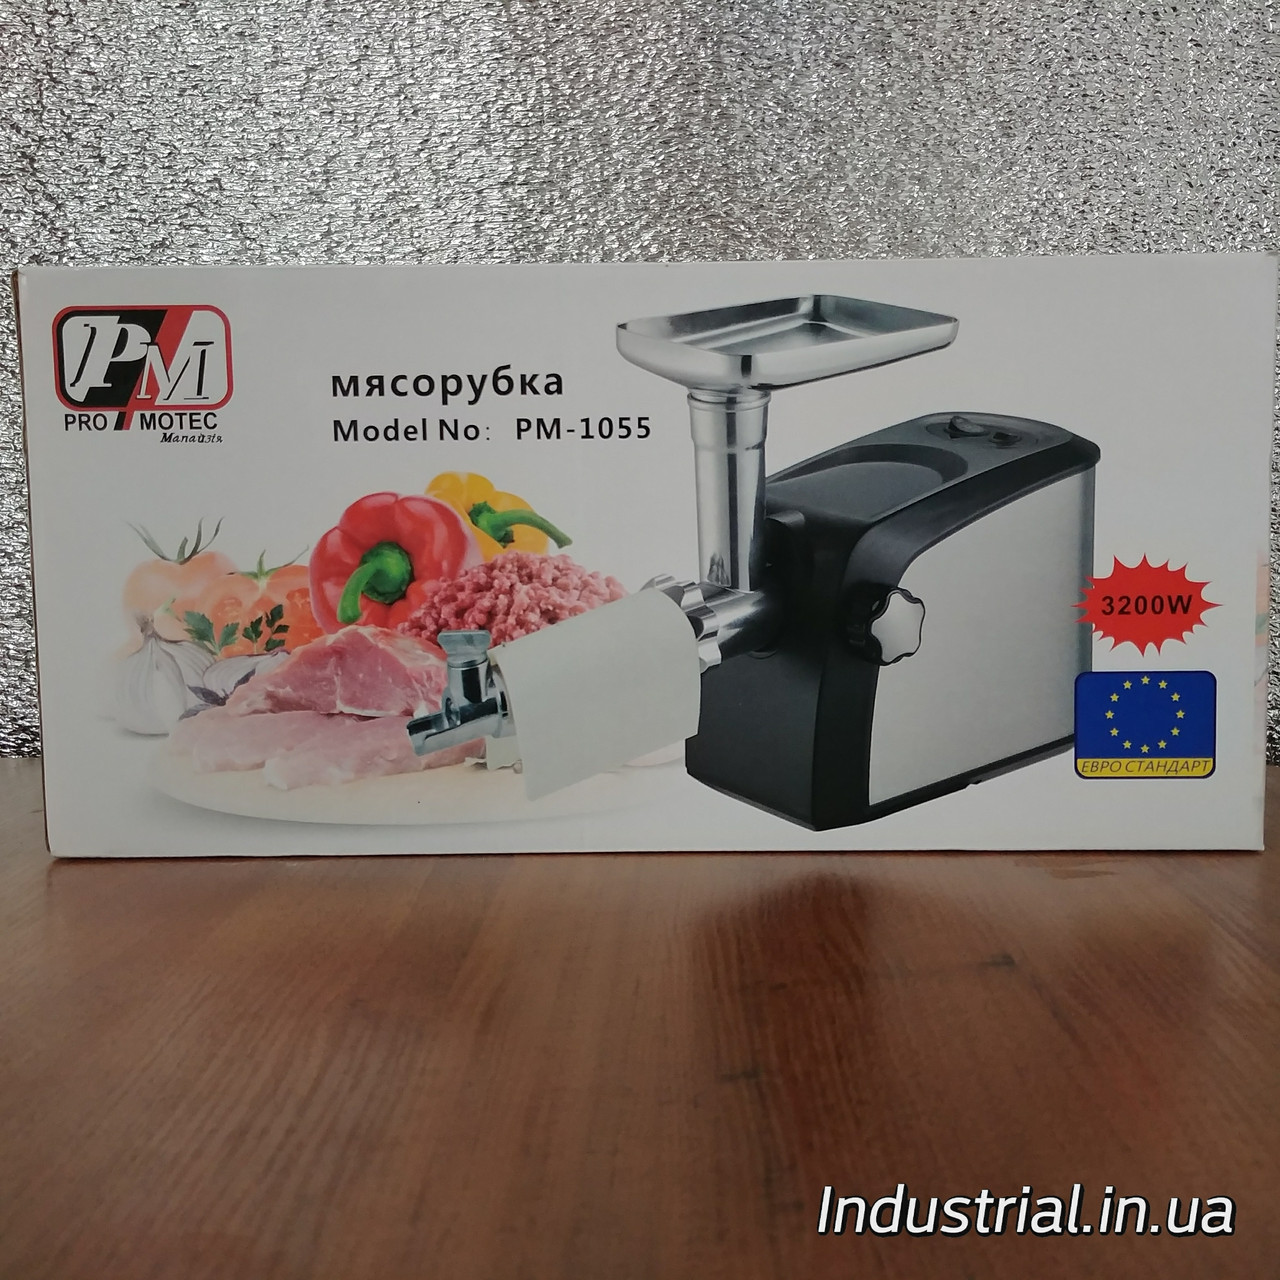 Мясорубка Promotec PM 1055,электрическая с соковыжималкой 3200 Вт